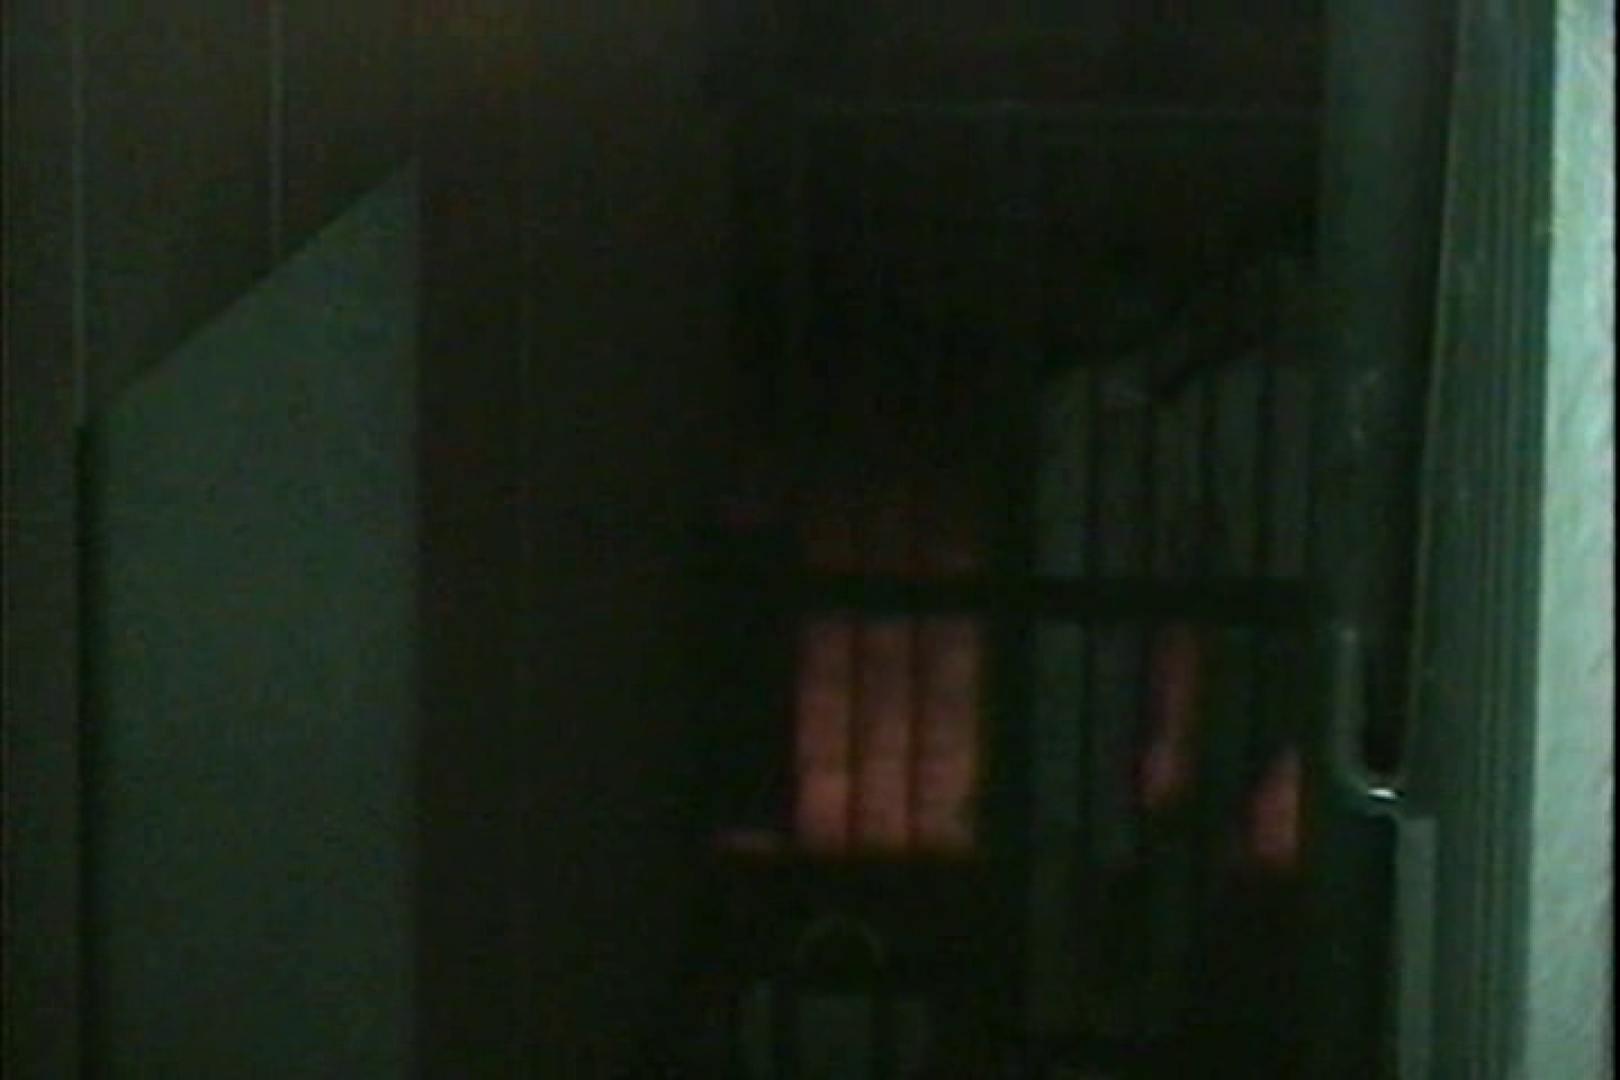 闇の仕掛け人 無修正版 Vol.19 OLの実態 盗撮アダルト動画キャプチャ 79pic 47